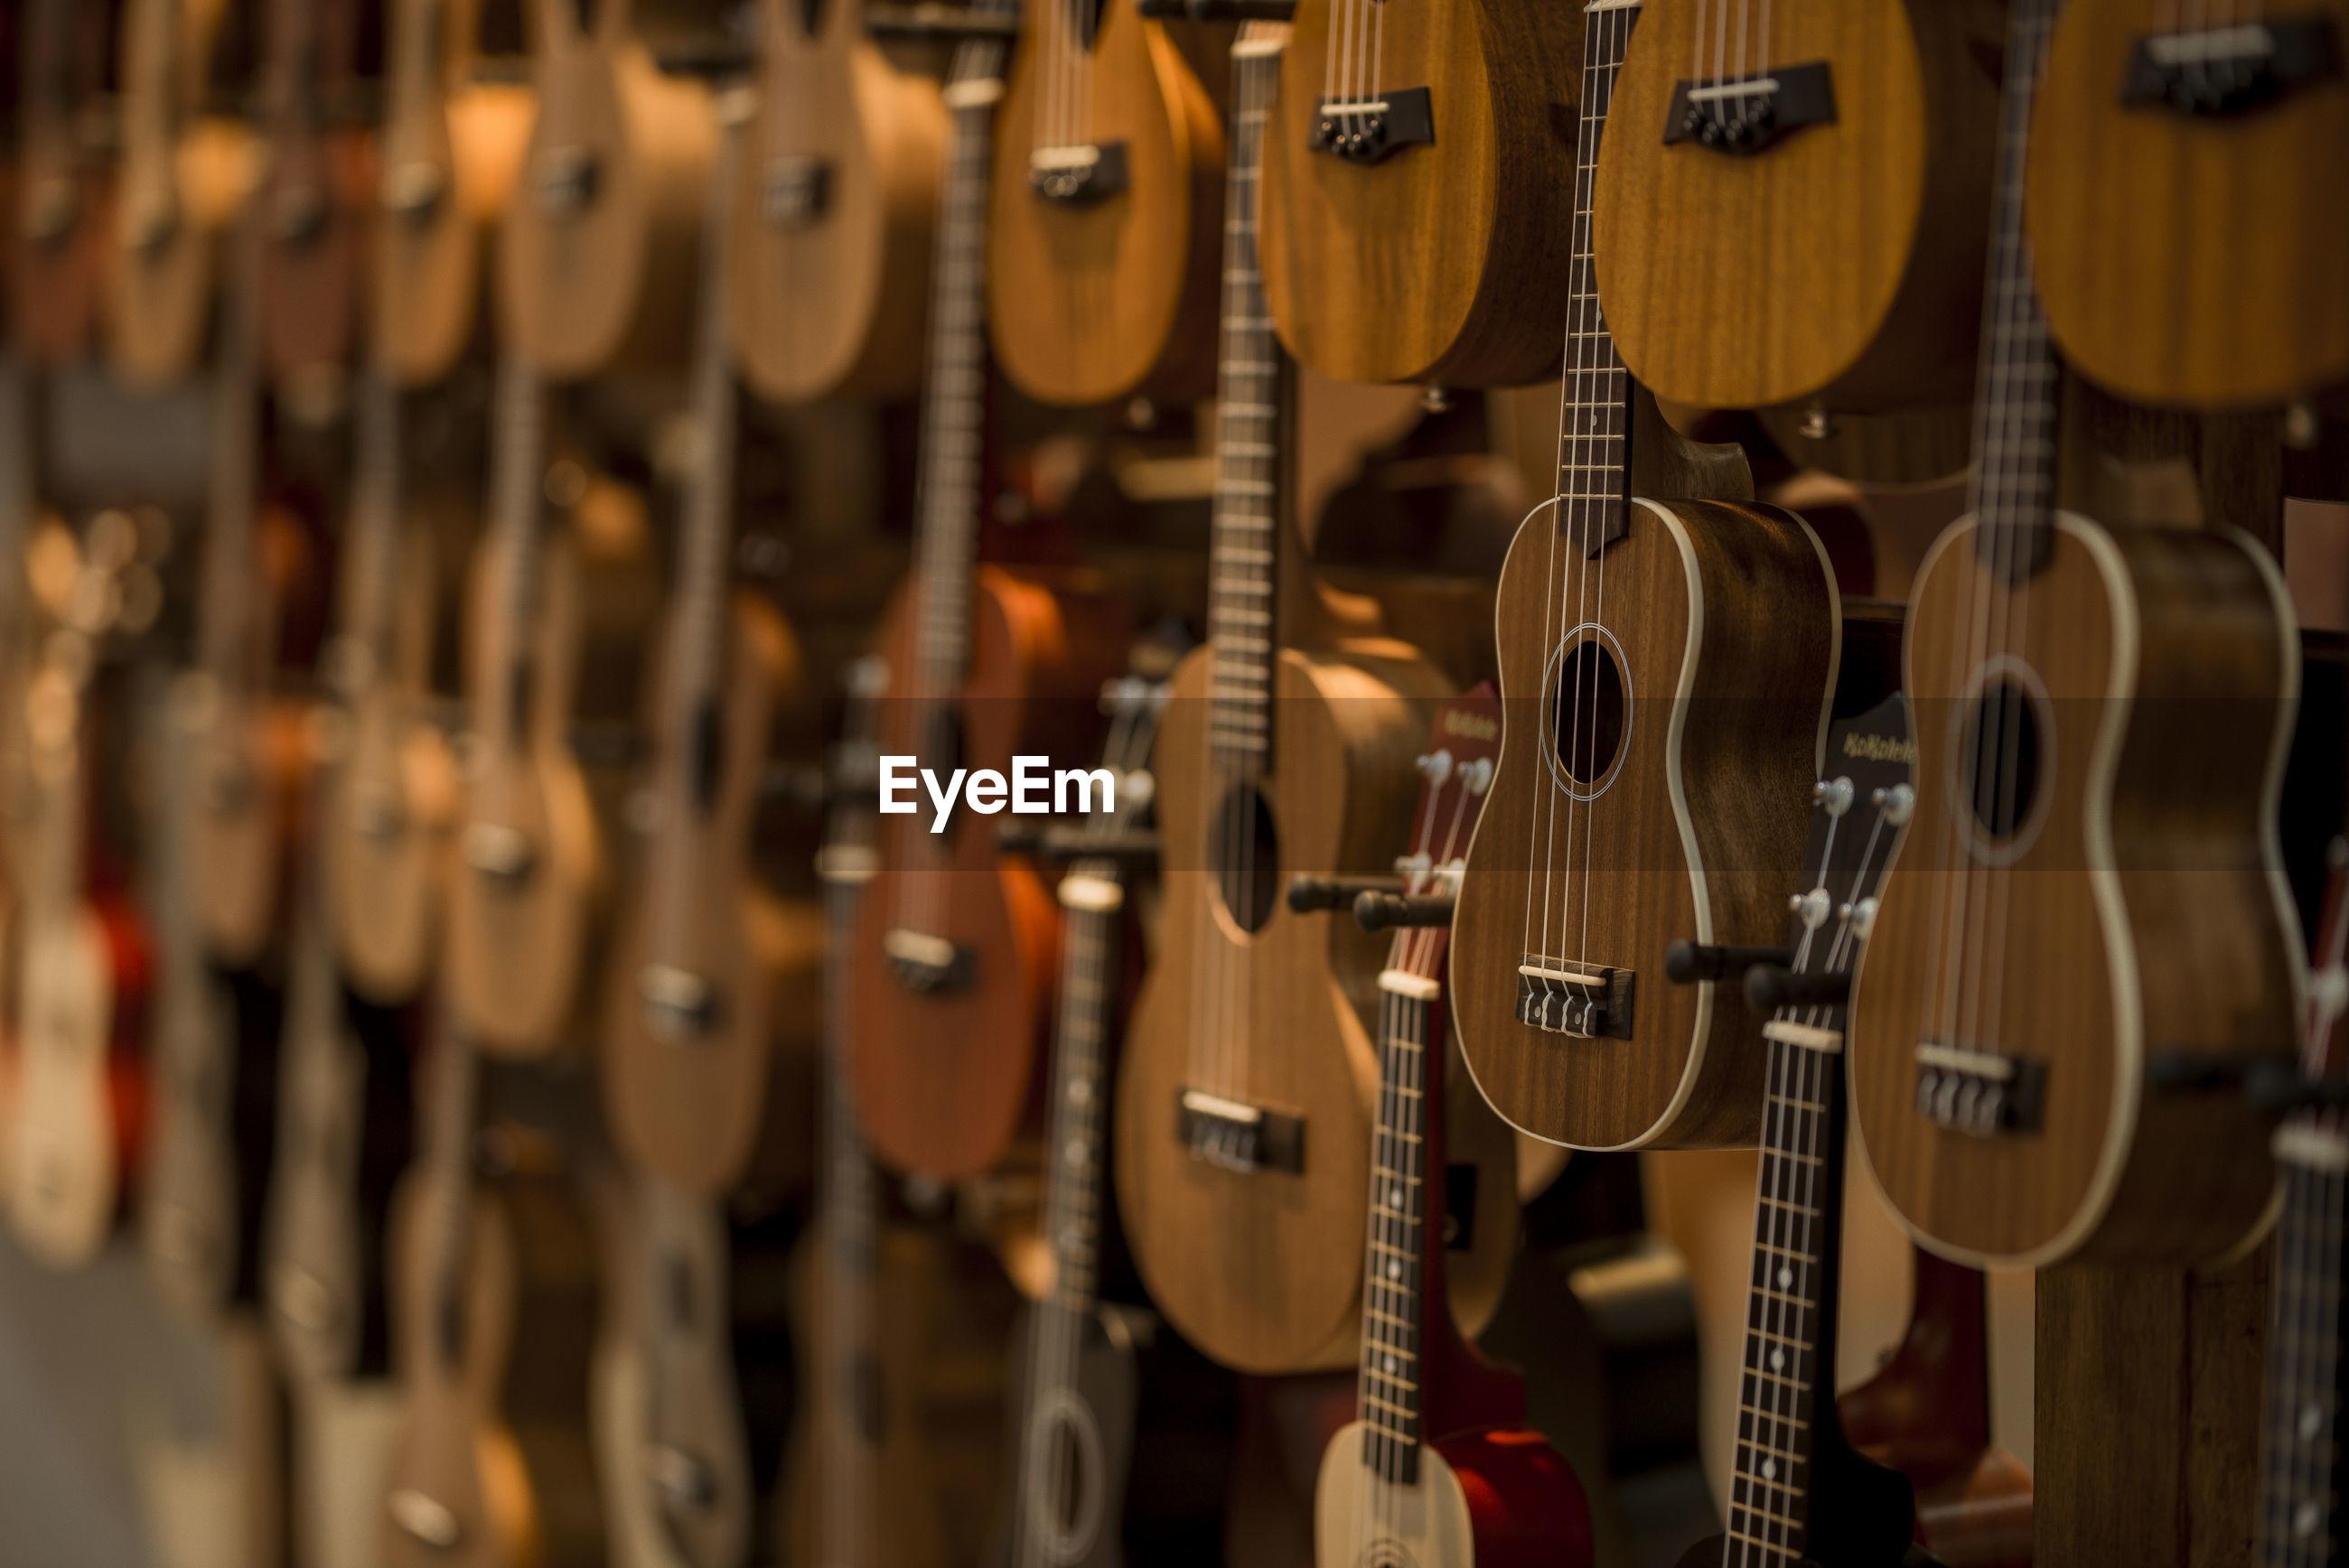 Close-up of guitars